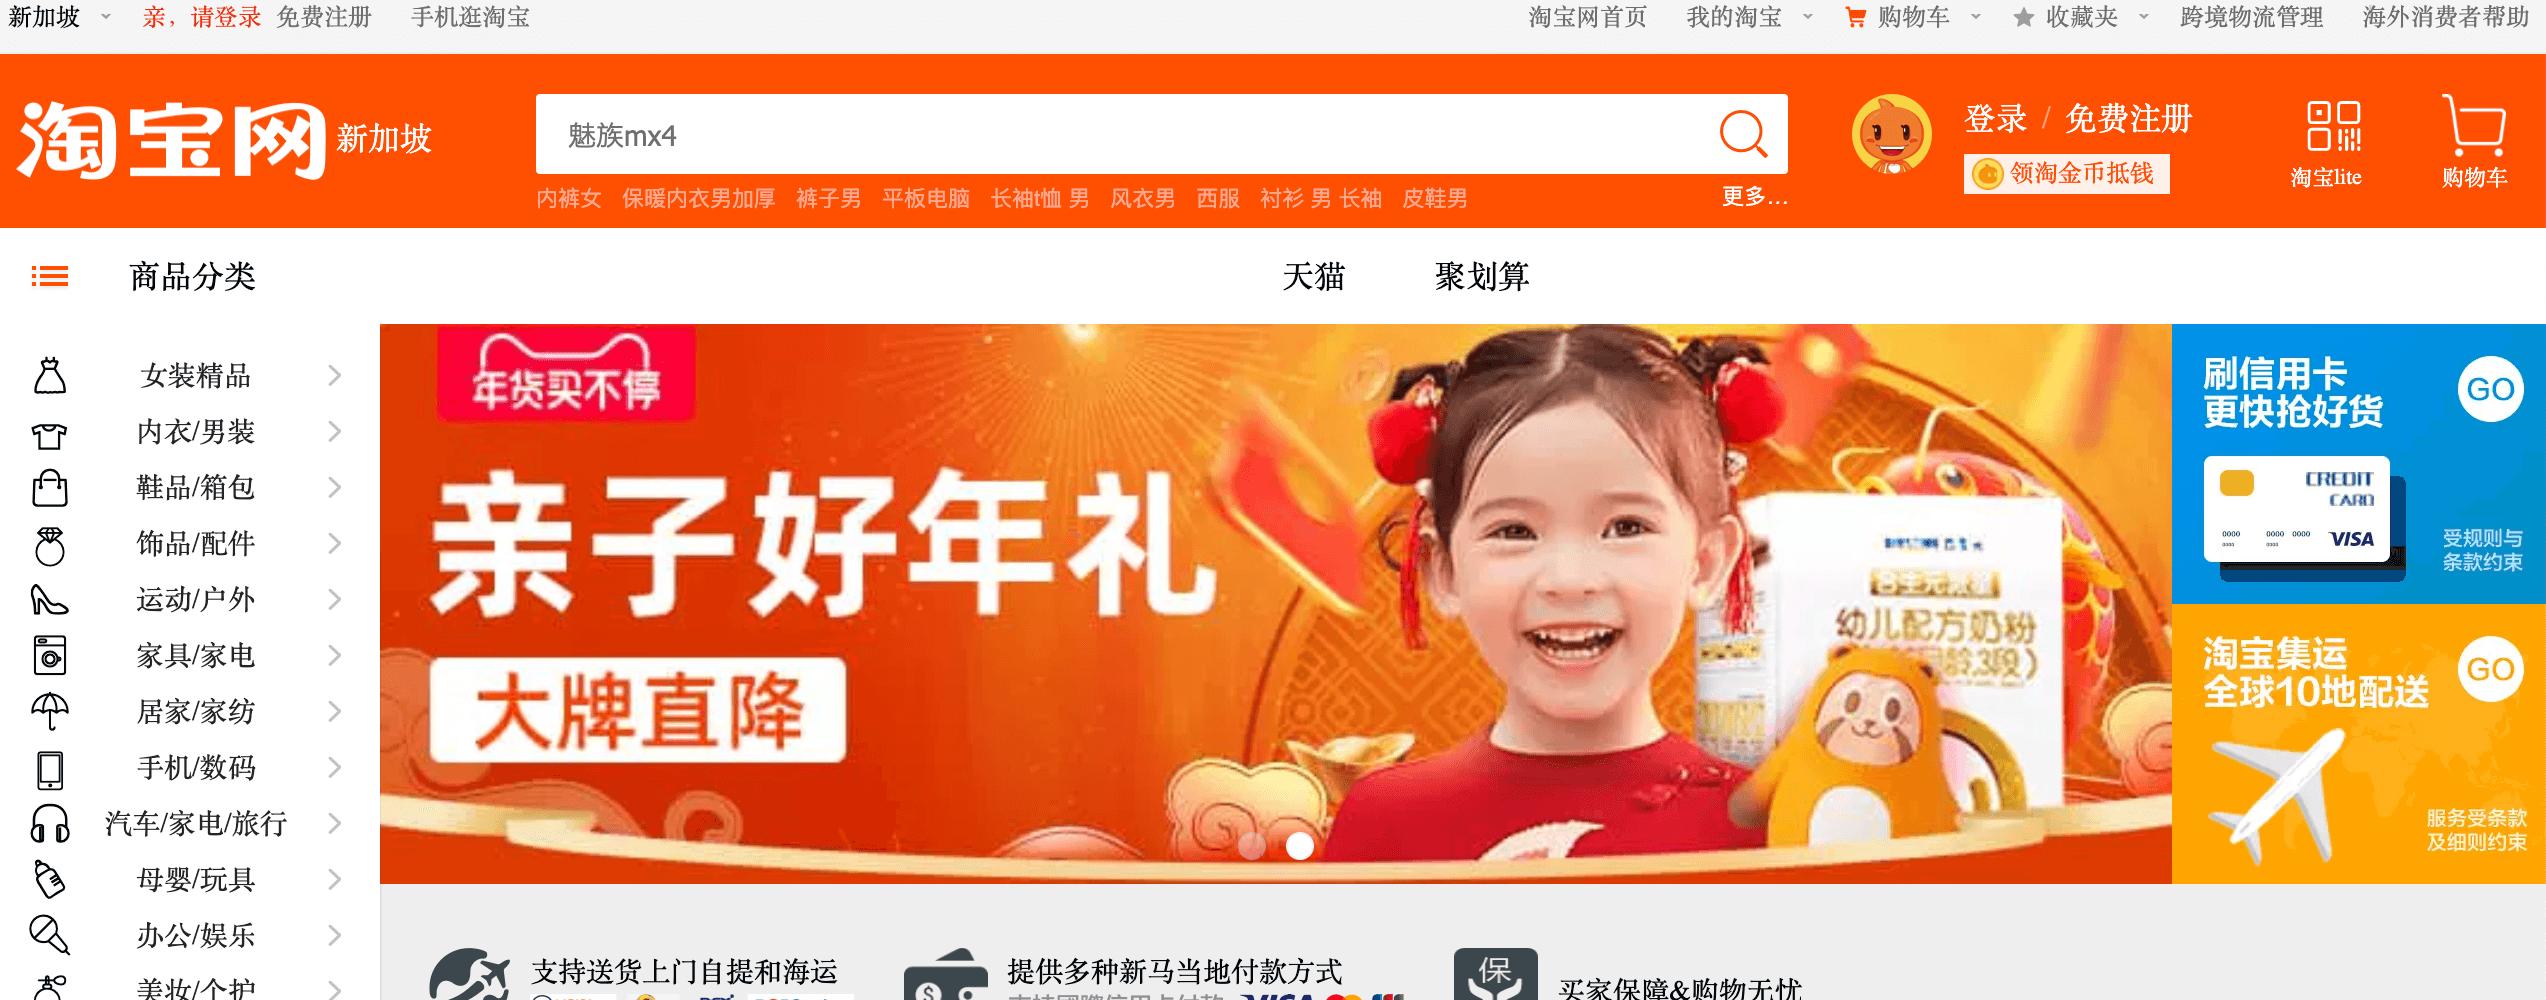 TaoBao HK